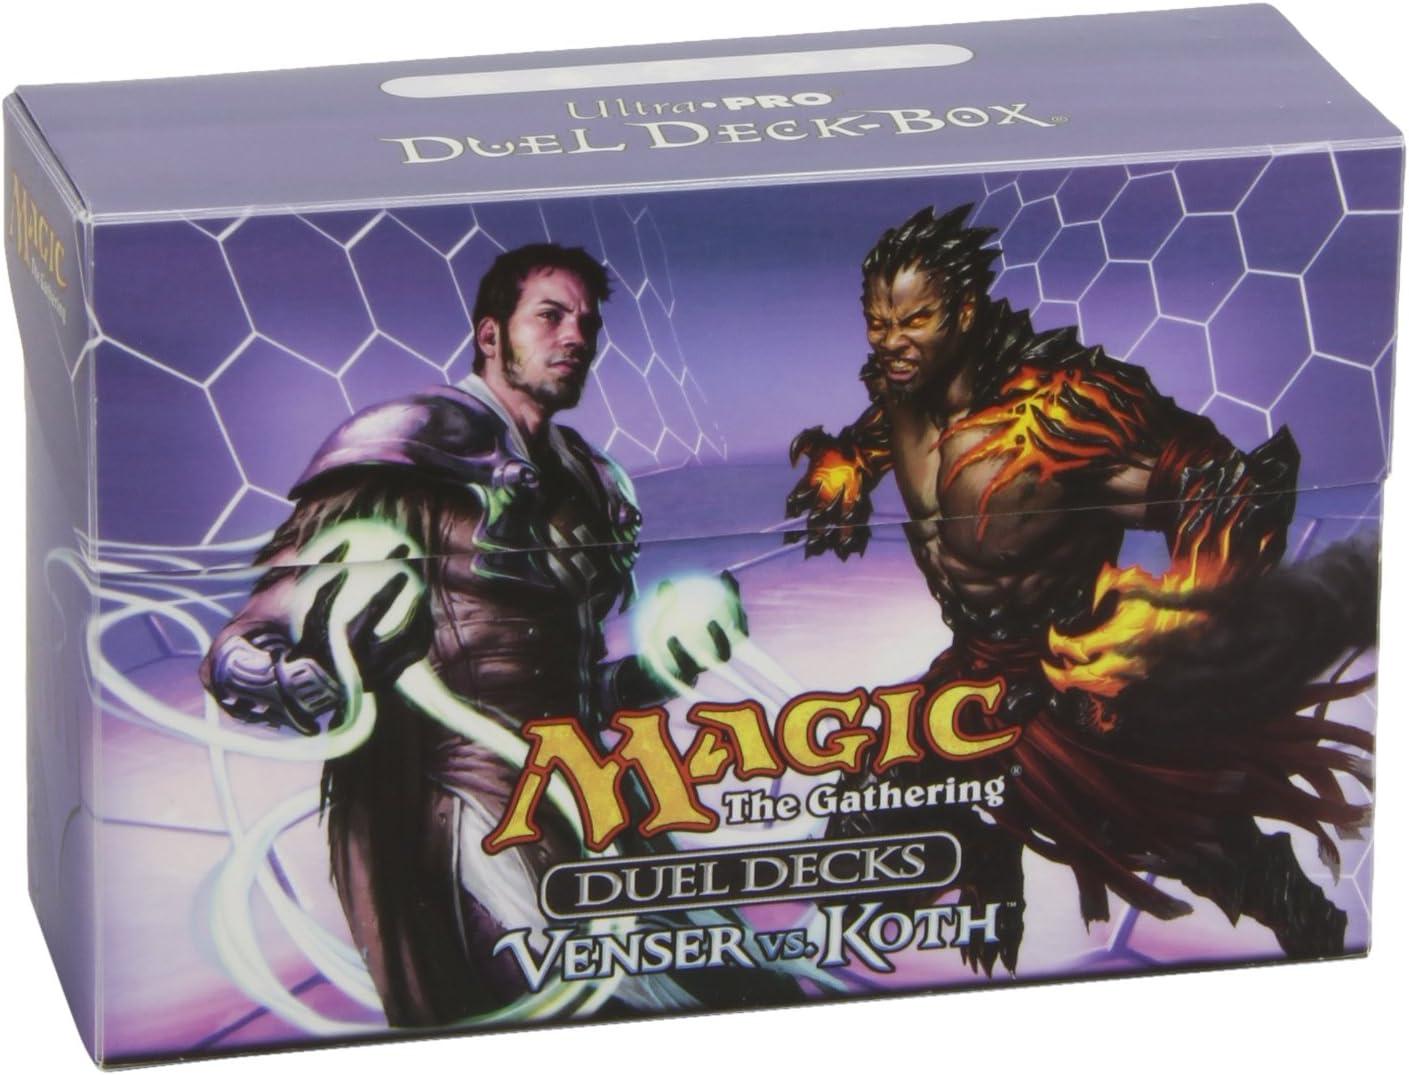 Ultra Pro Magic Duel Deck Box Venser vs Koth Dual Deck Box UP82926